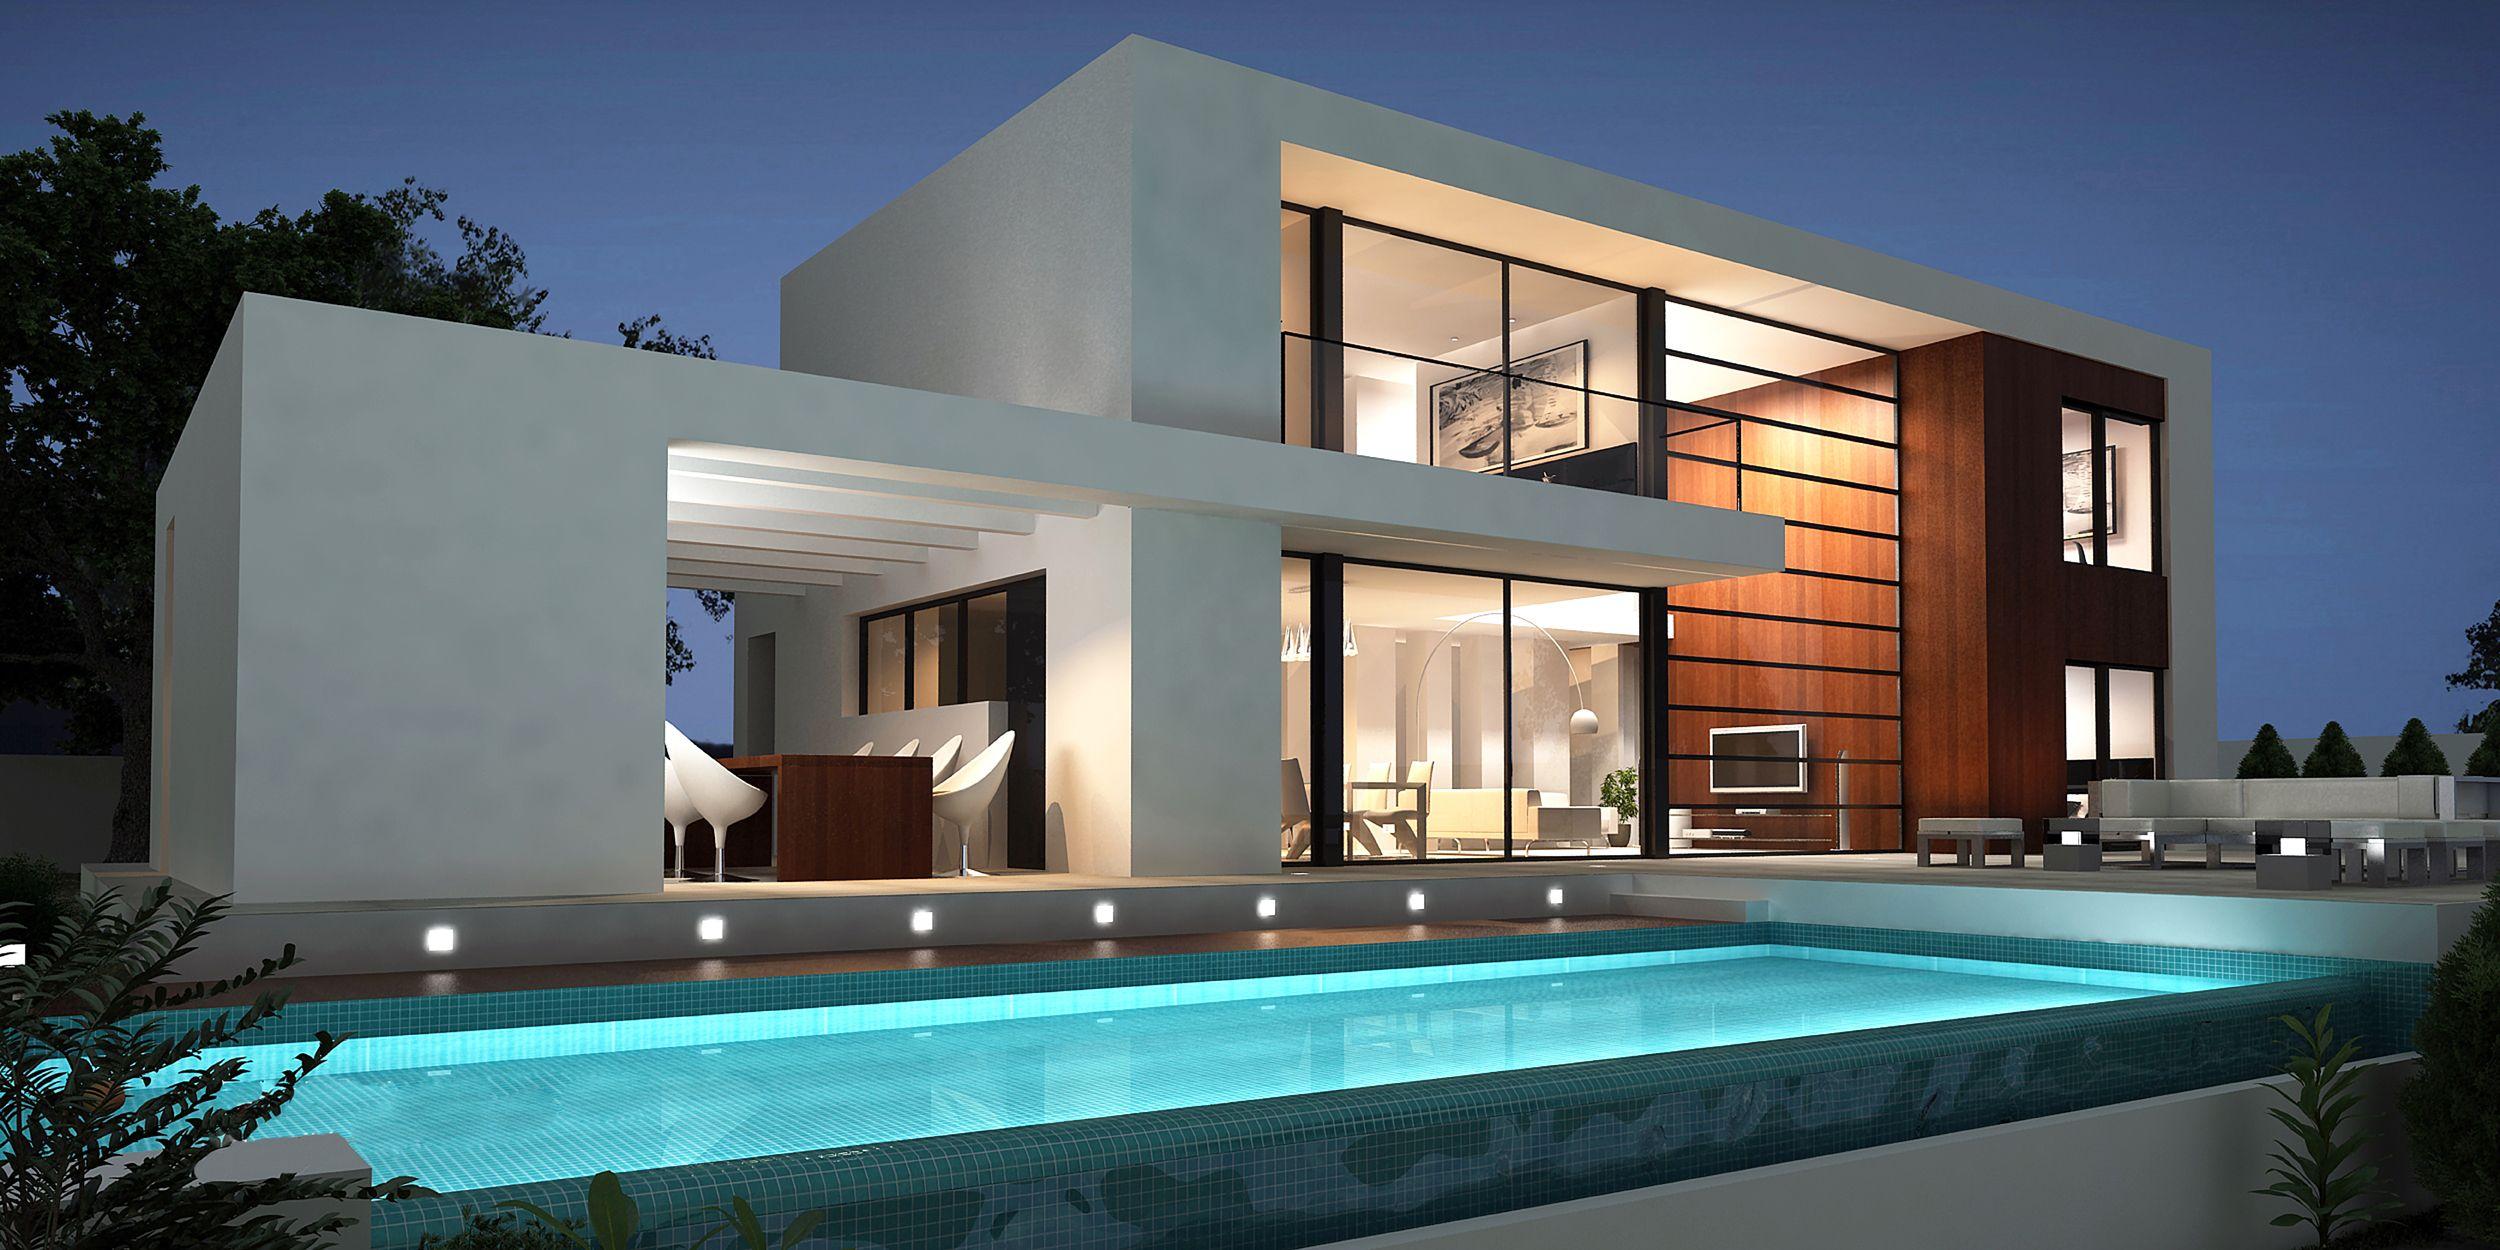 Modern Villas Architecture Design